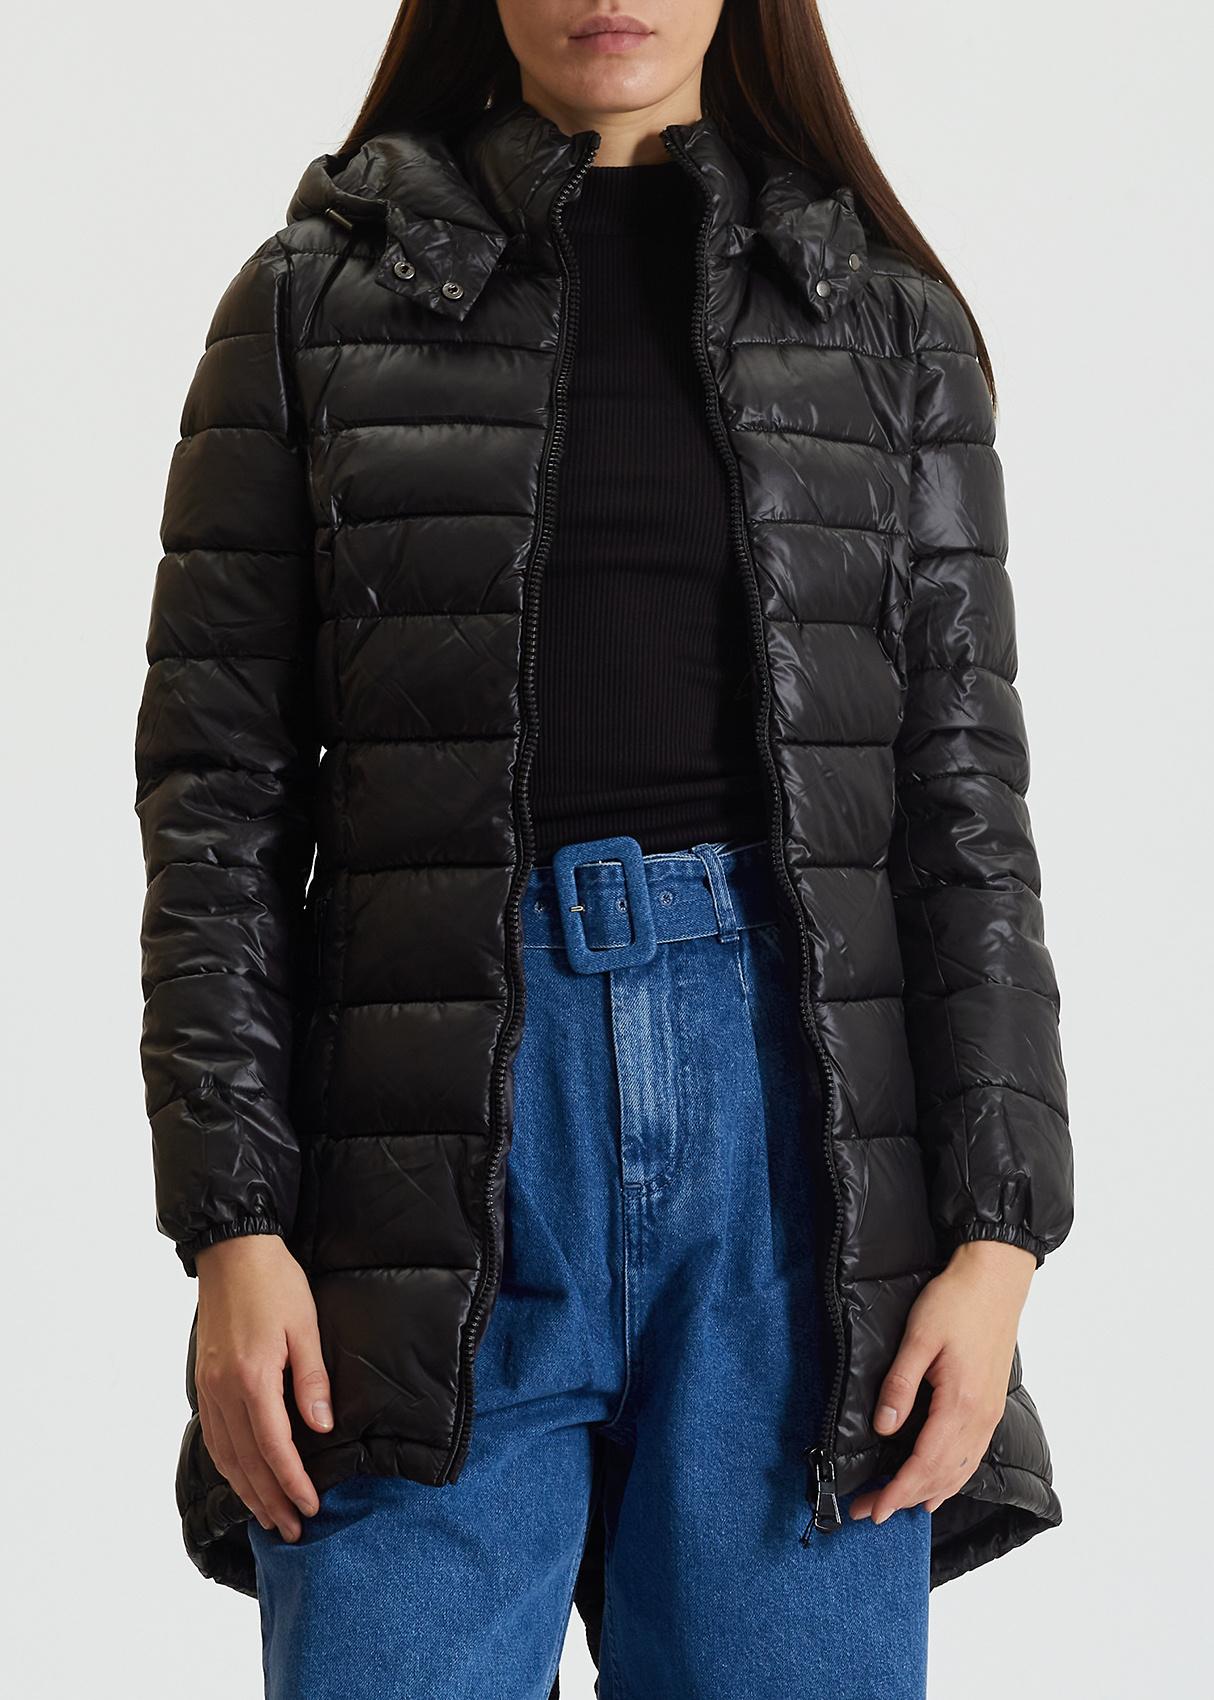 Черная куртка Trussardi Collection с горизонтальной стежкой